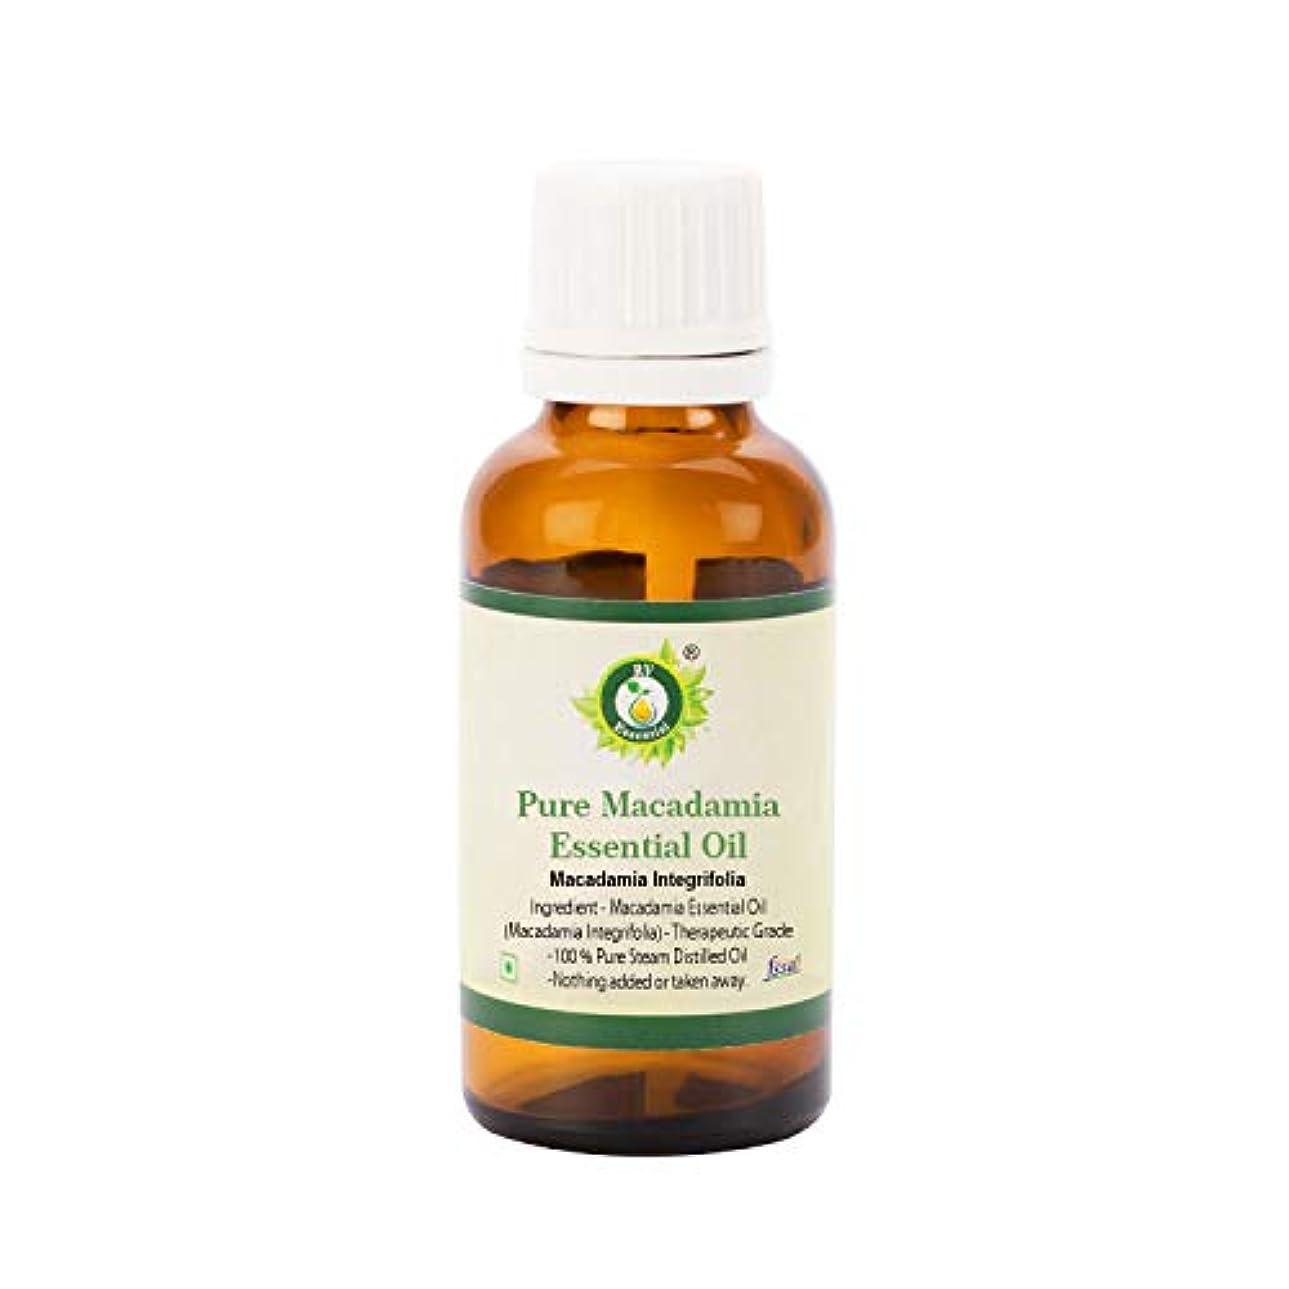 葡萄無効スロットR V Essential ピュアマカデミアエッセンシャルオイル5ml (0.169oz)- Macadamia Integrifolia (100%純粋&天然スチームDistilled) Pure Macadamia...